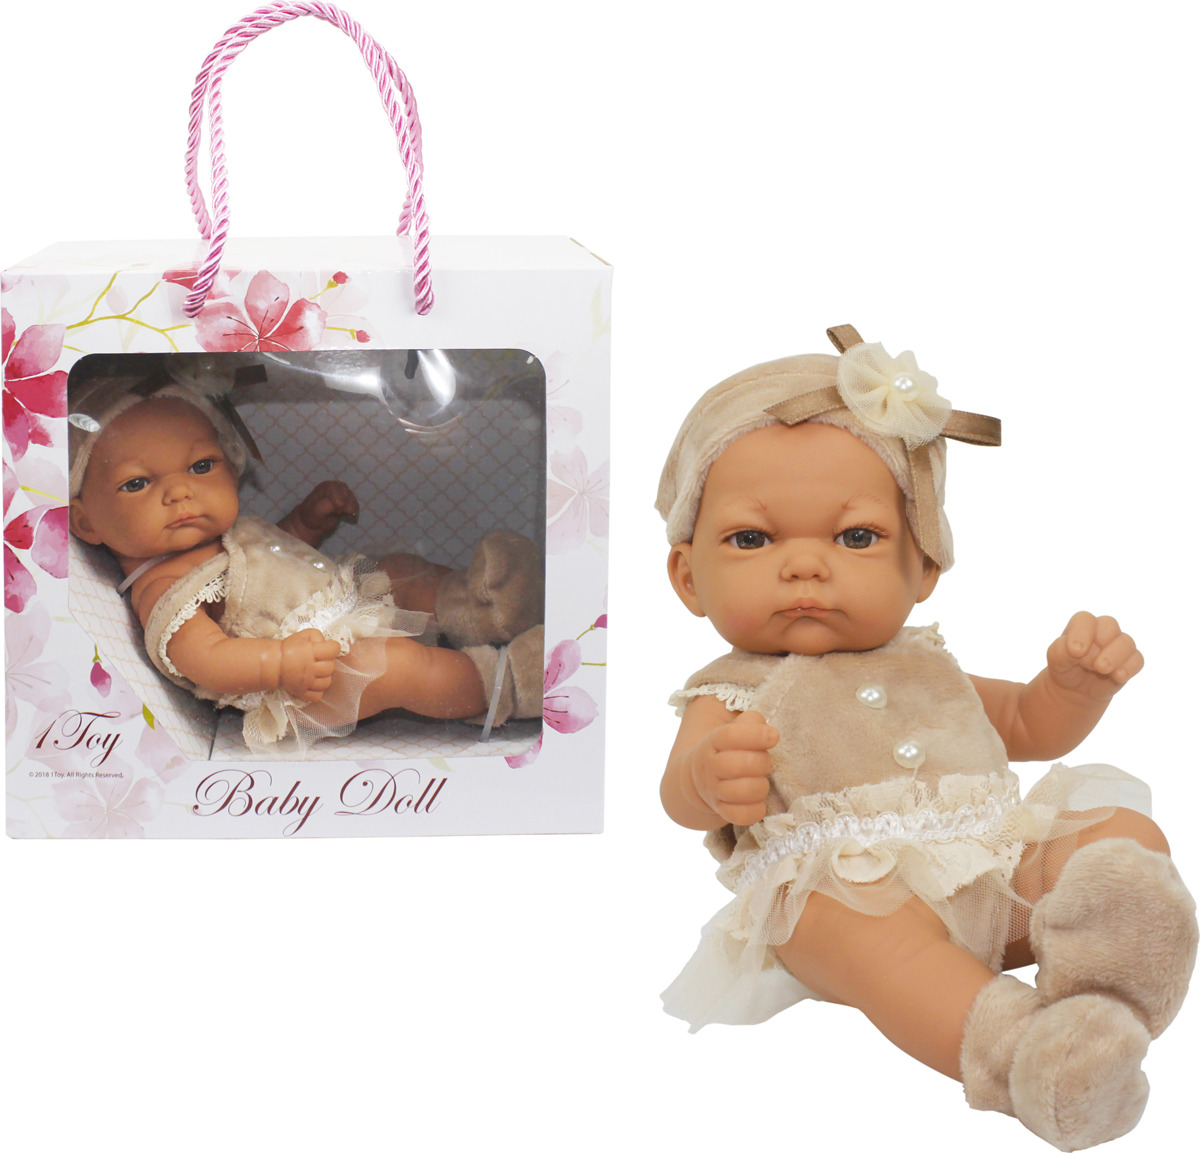 Пупс 1TOY Premium Baby Doll 25 см, Т15458, в бежевом платьице, пинетках и шапочке с бантиком